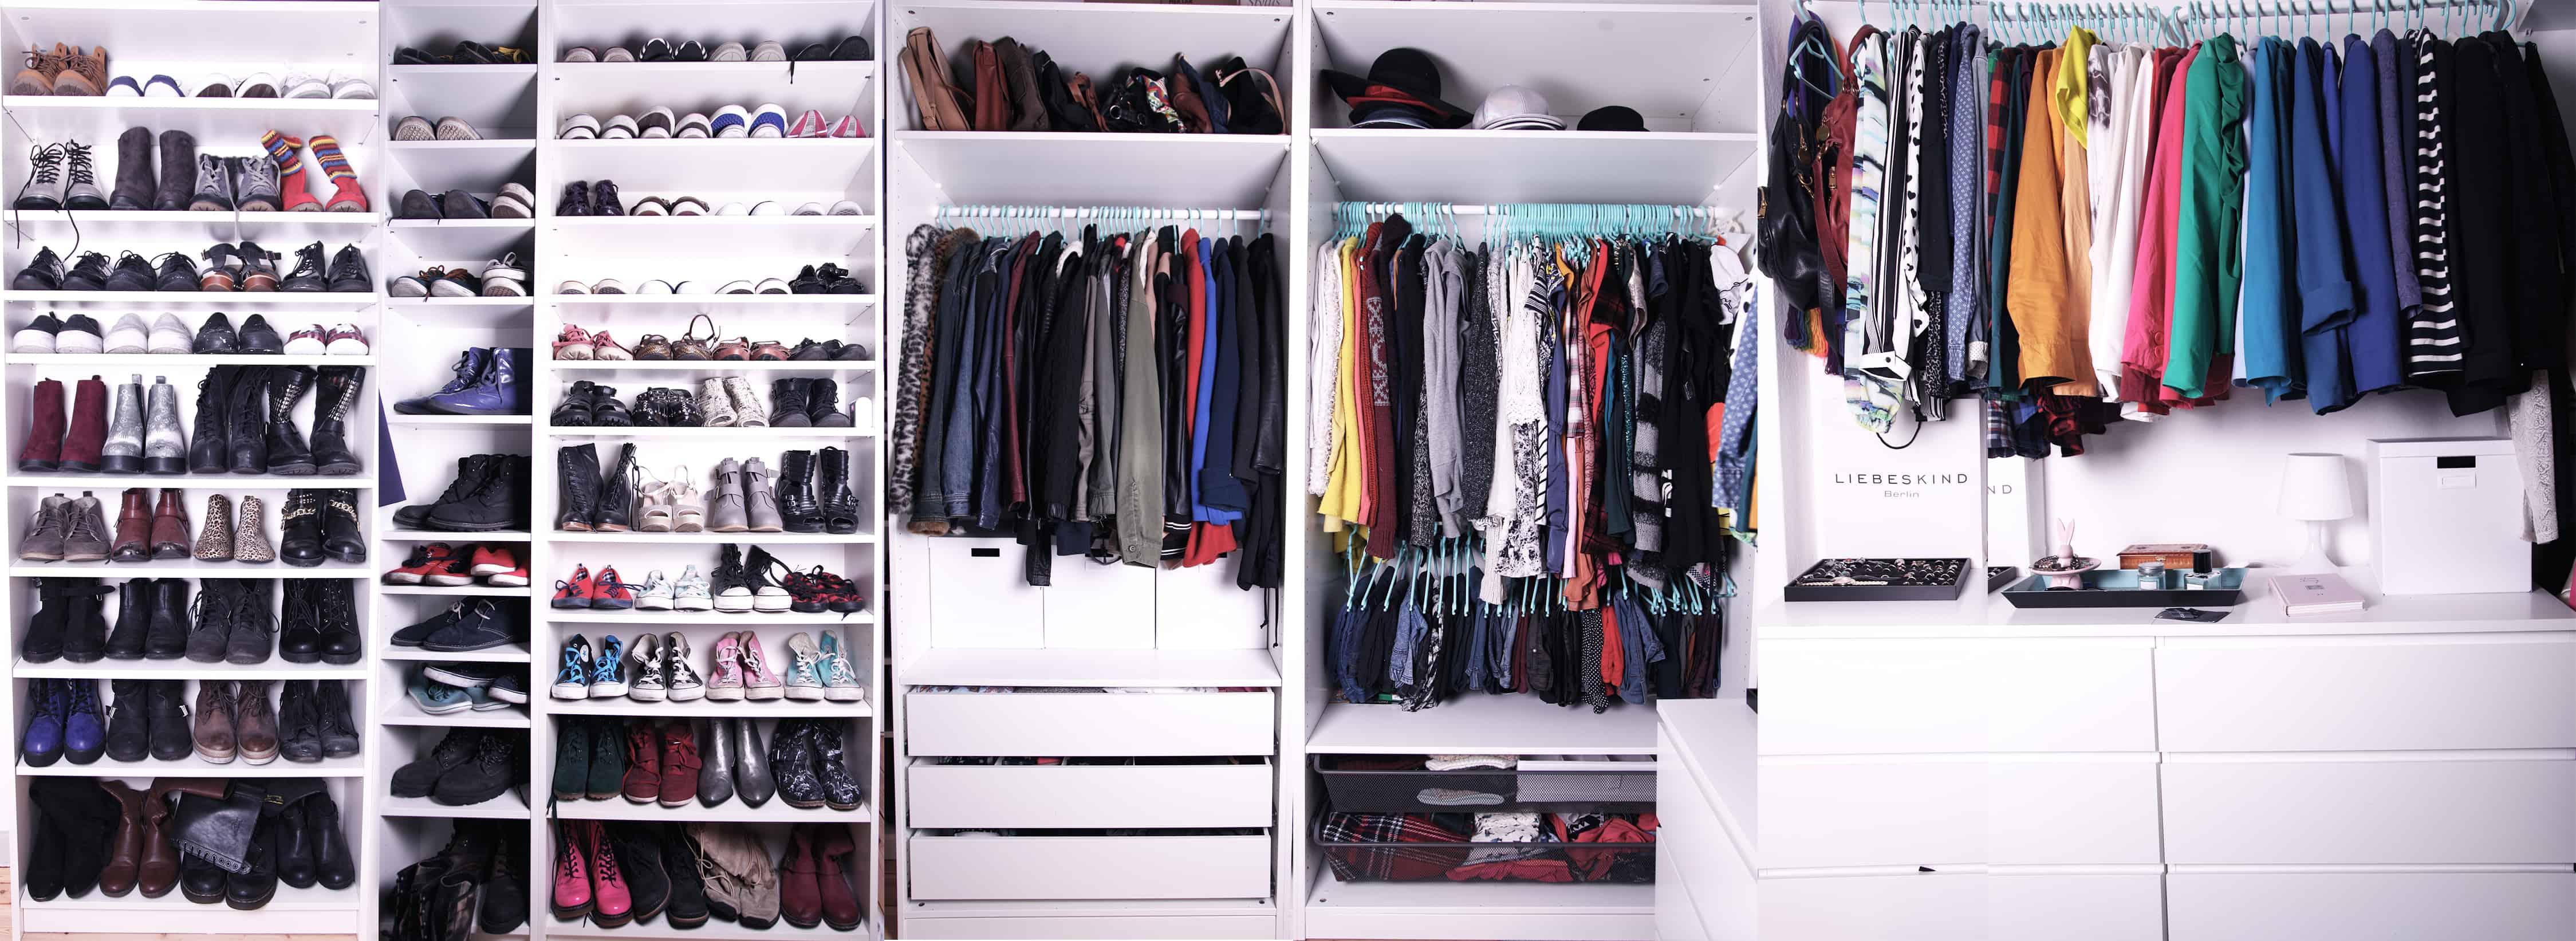 traum begehbarer kleiderschrank tipps und tricks f r die richtige ordnung the sophomore. Black Bedroom Furniture Sets. Home Design Ideas